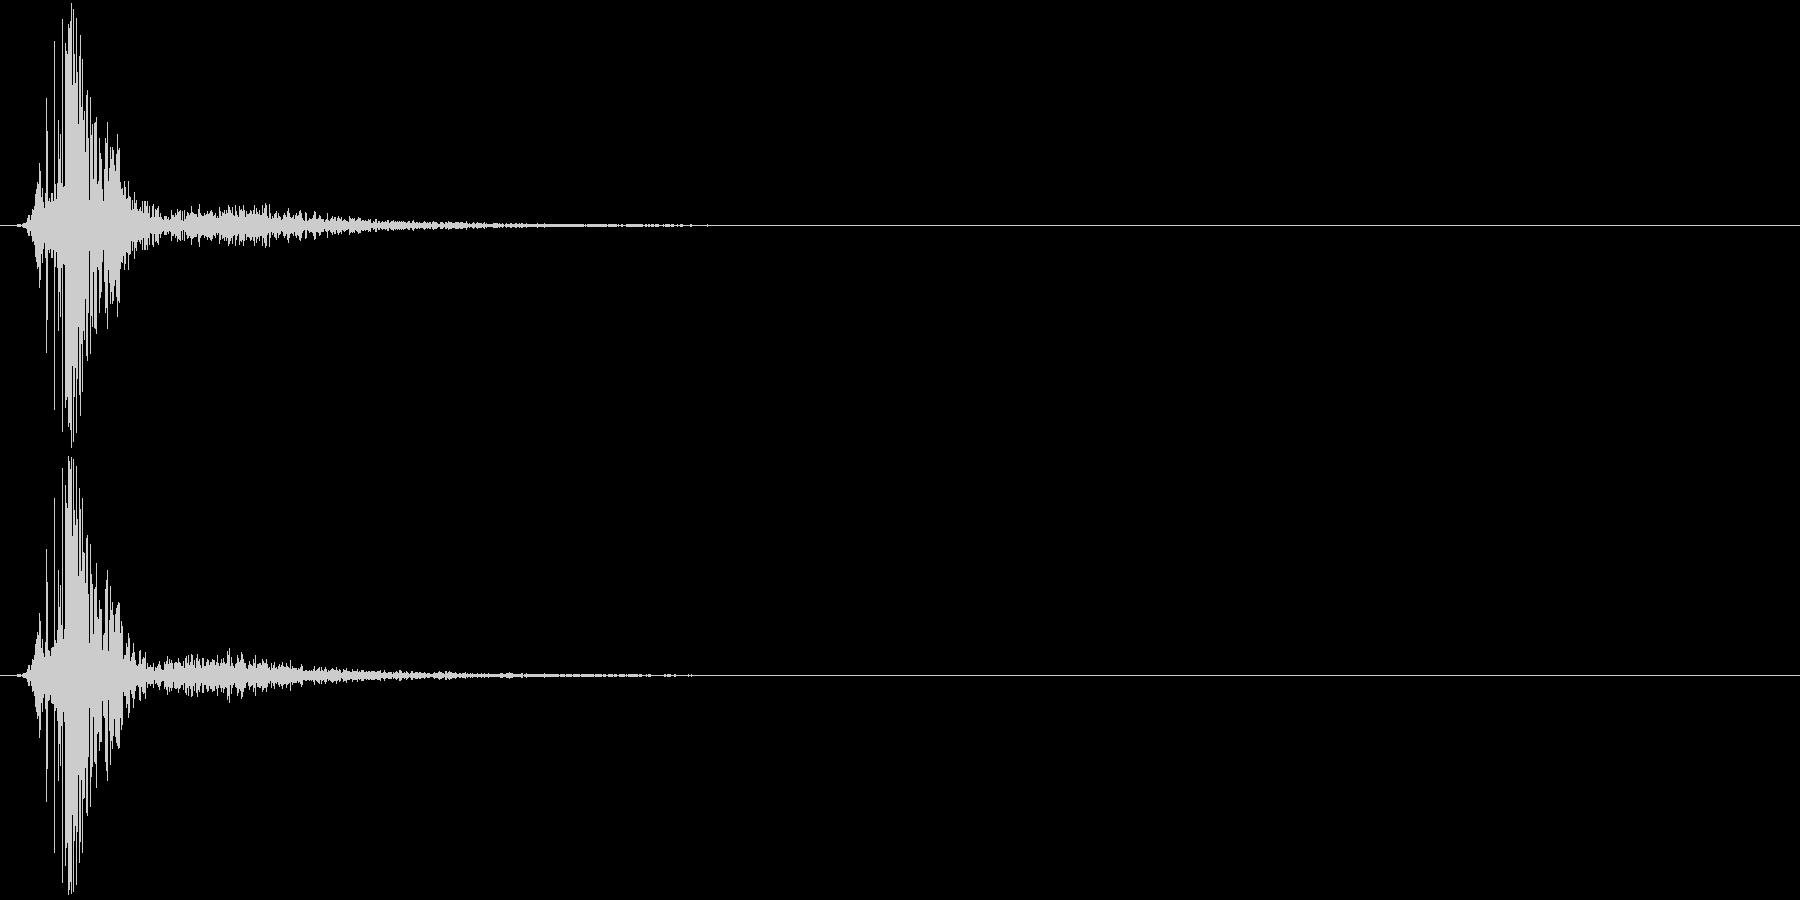 KAKUGE 格闘ゲーム戦闘音 46の未再生の波形